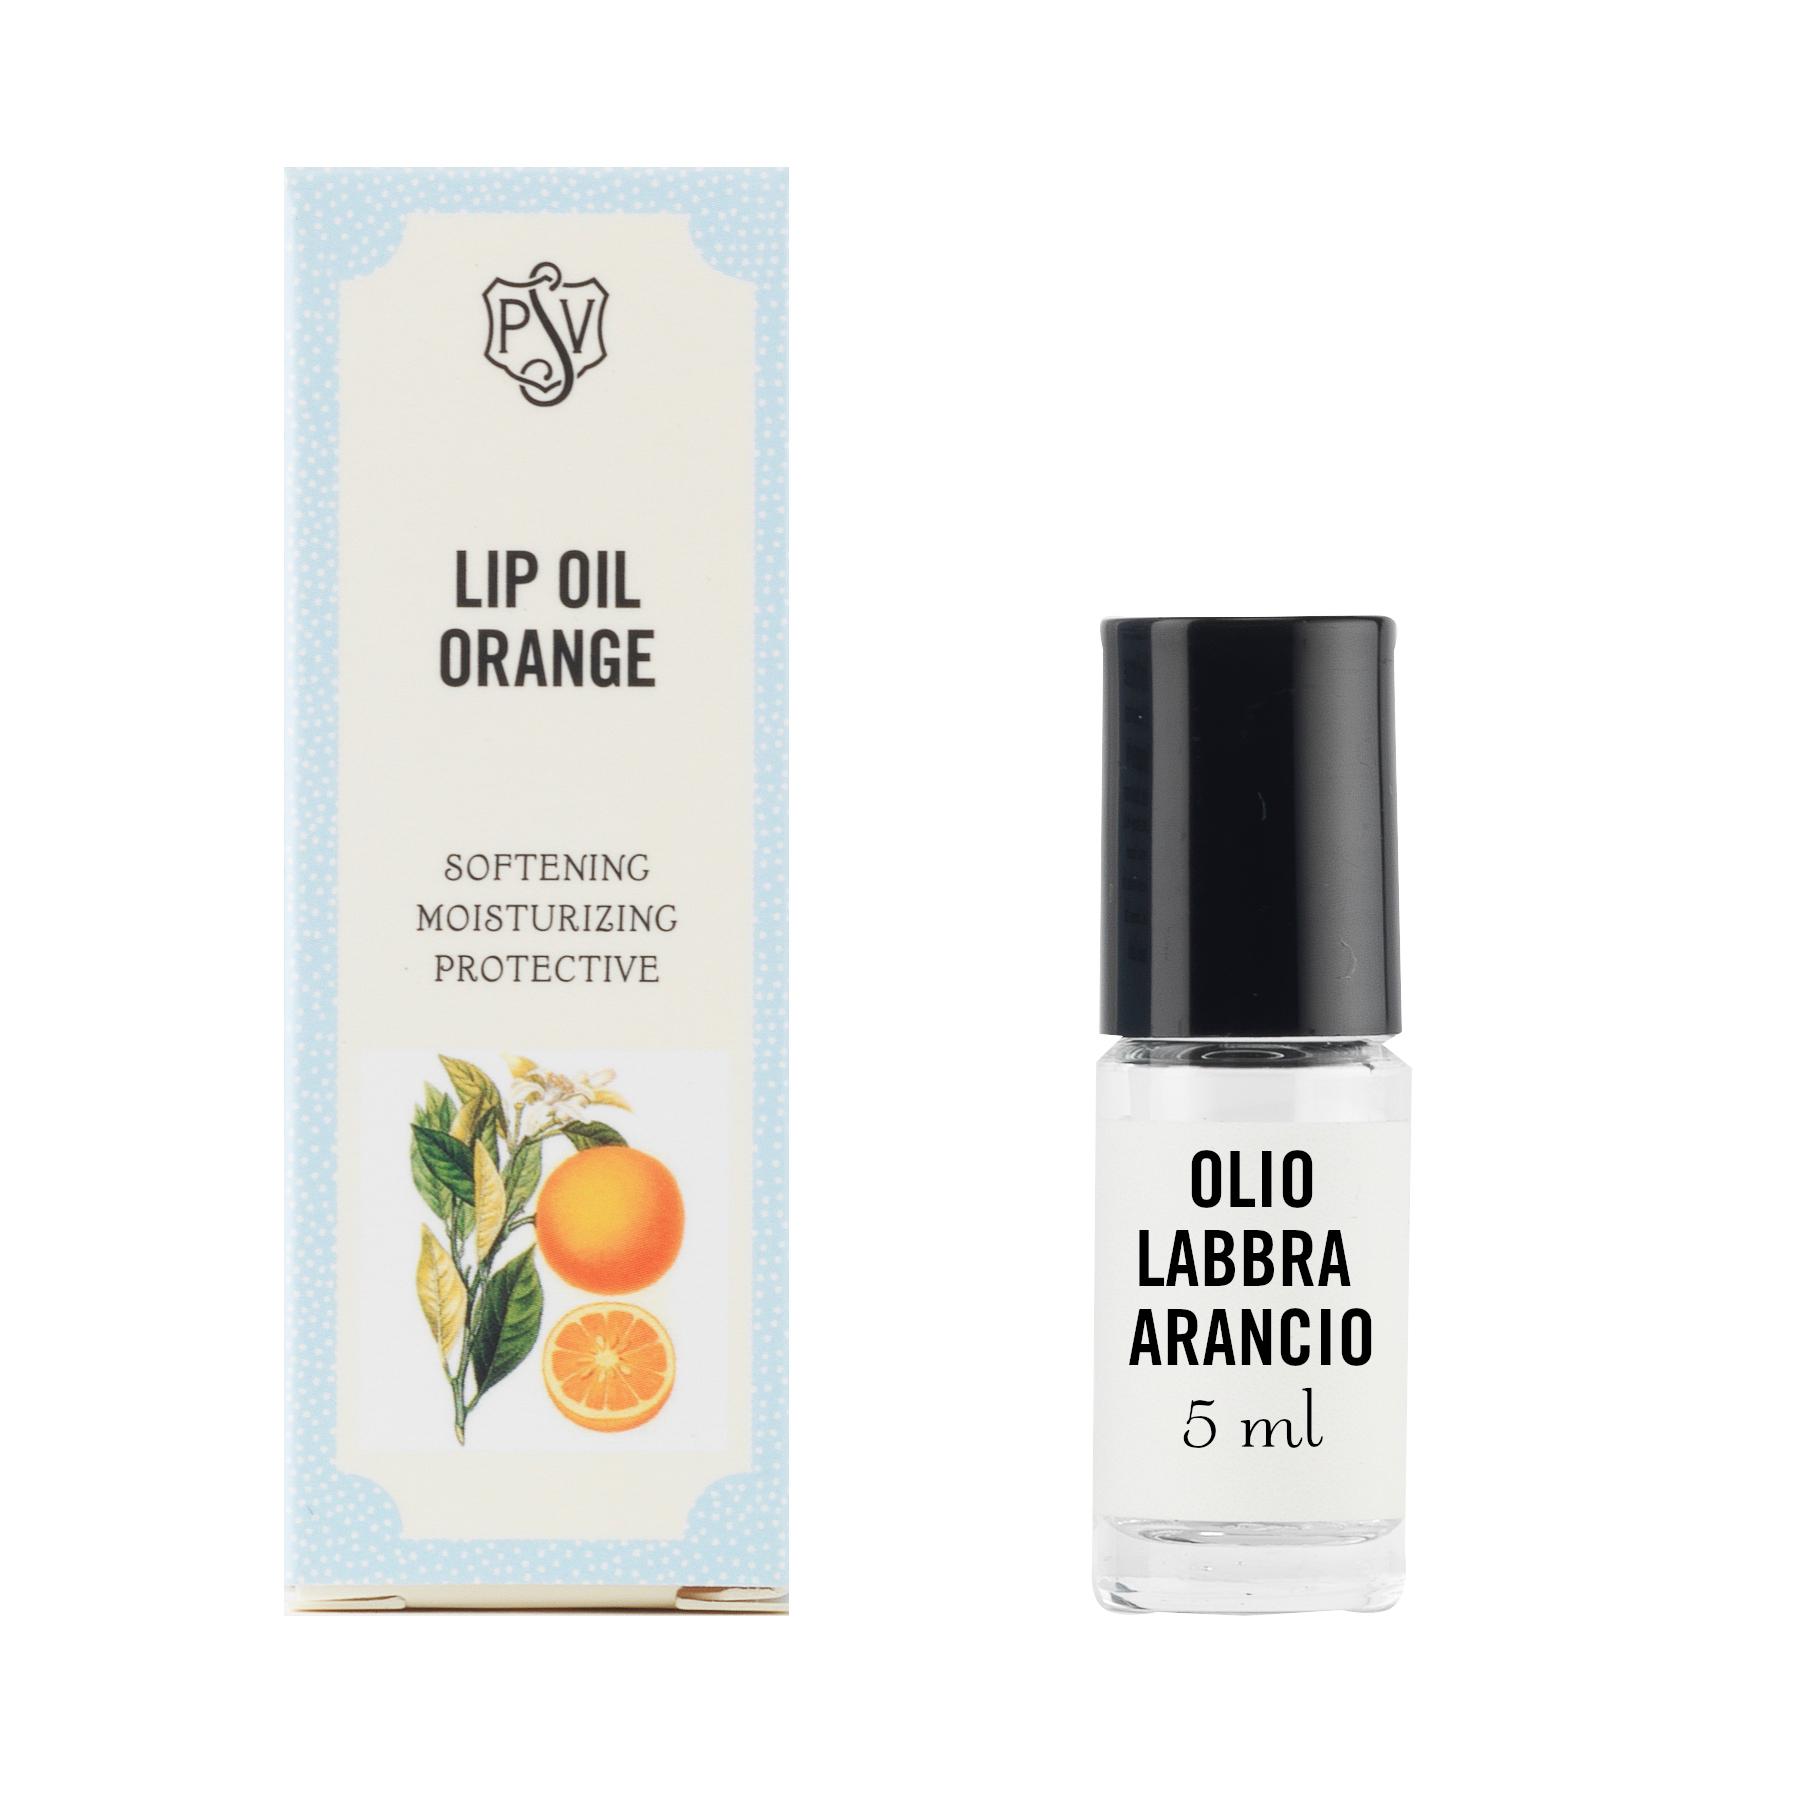 LIP OIL orange essential oil-0